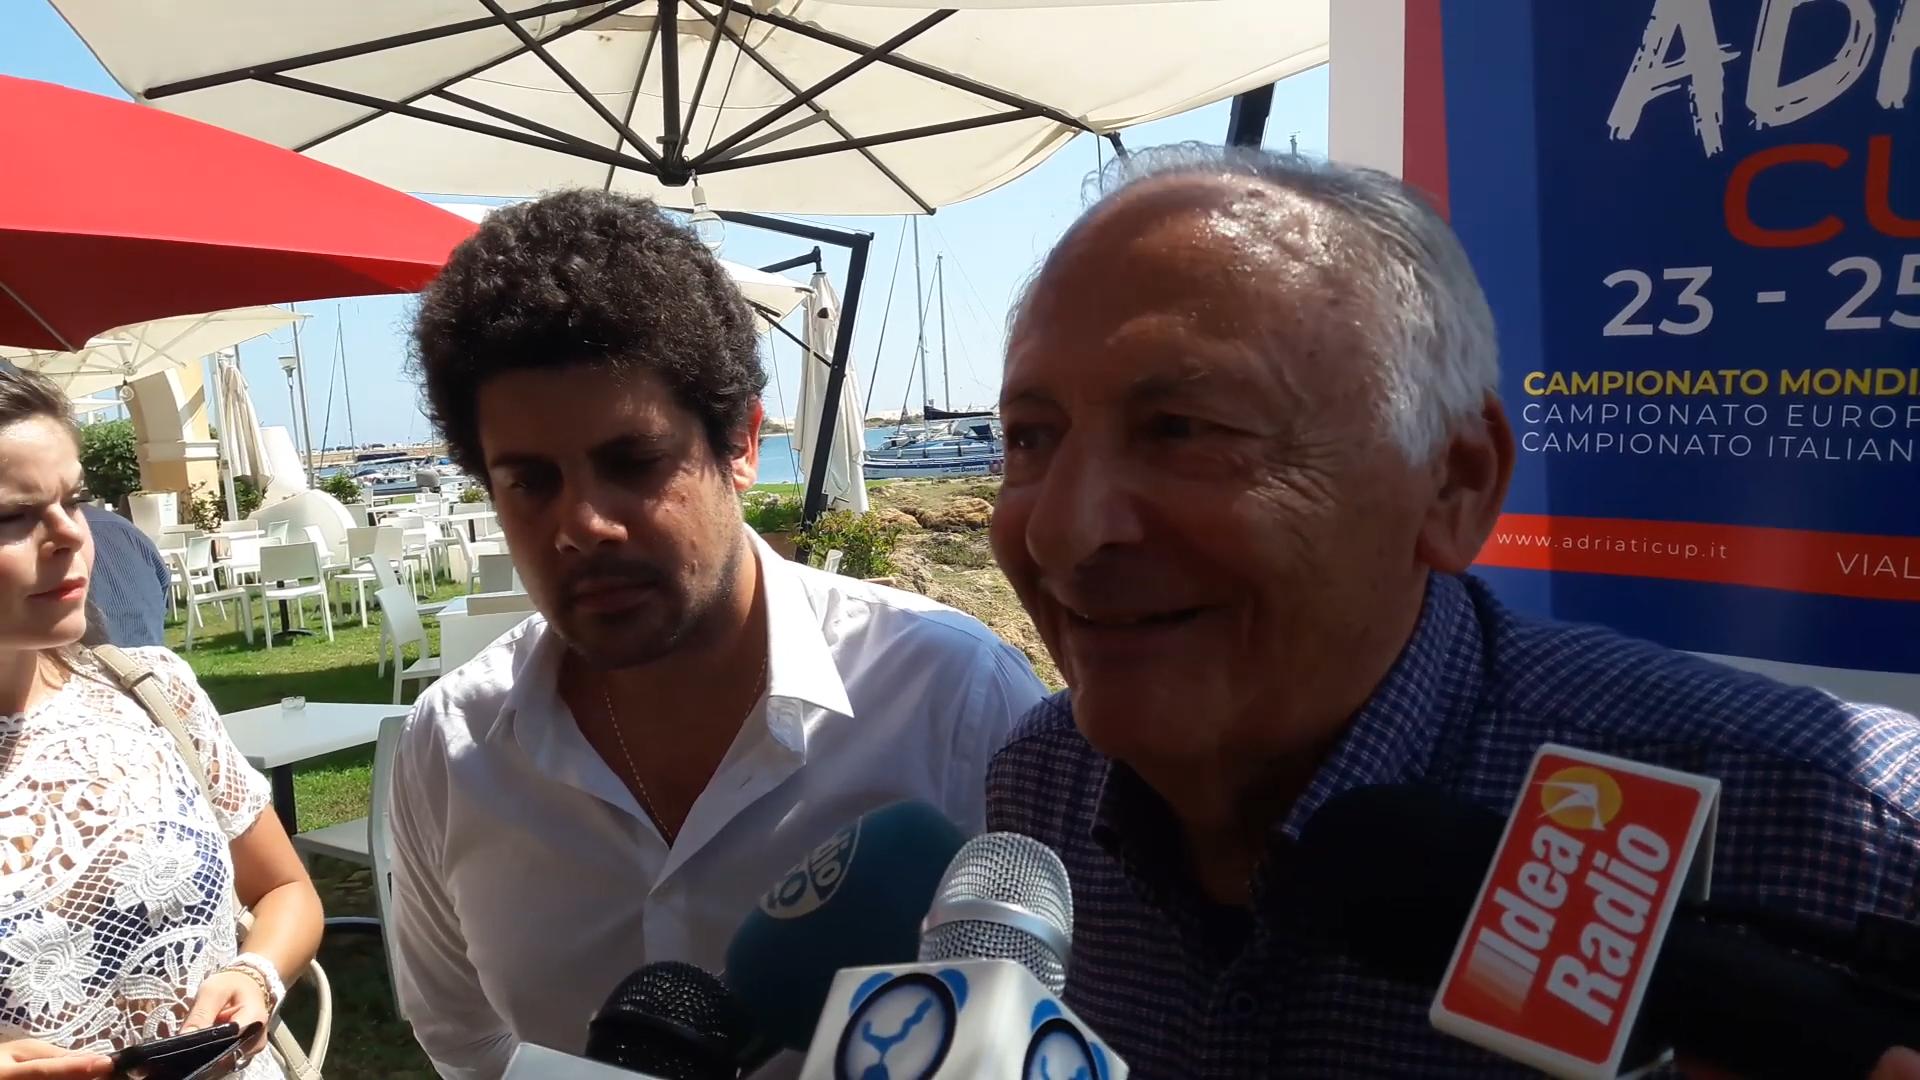 VIDEO – Adriatic Cup e concerto Emozioni, le dichiarazioni di Mogol